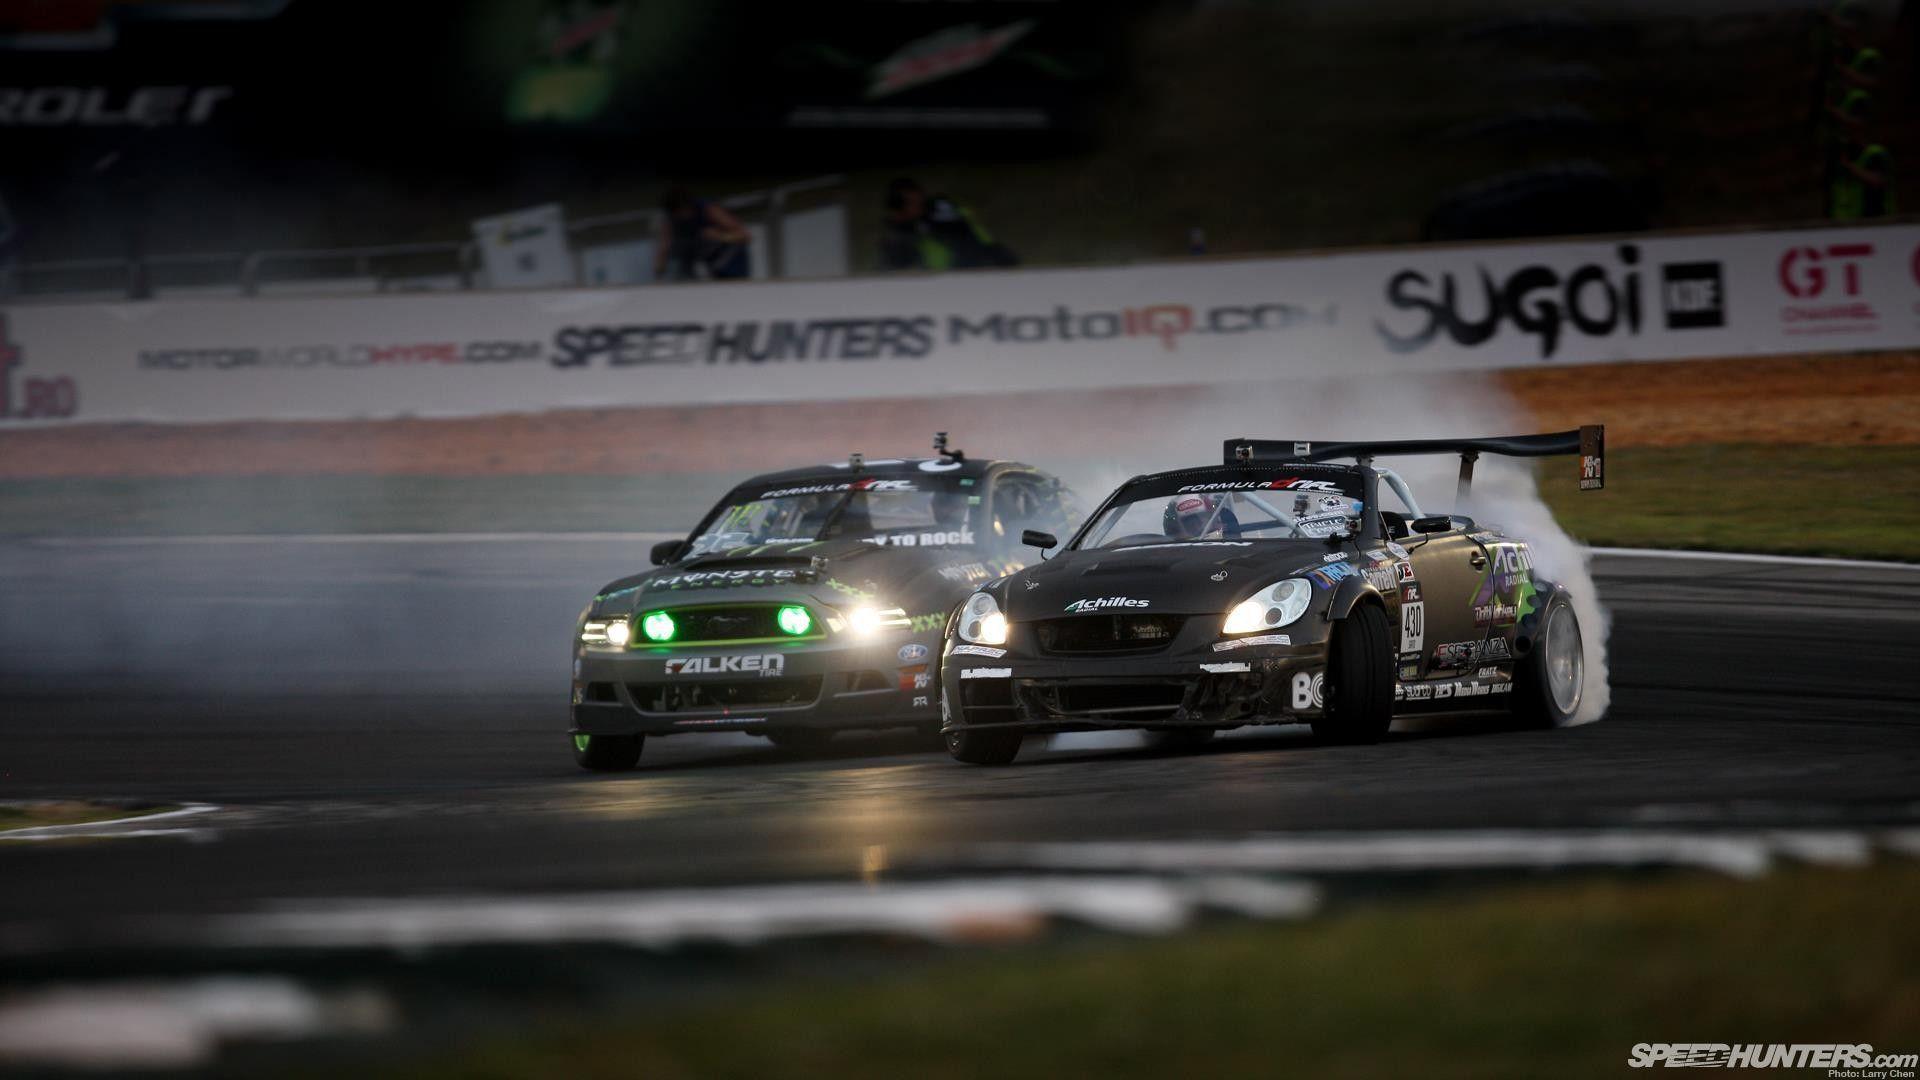 1680x1050 cars drift - photo #35